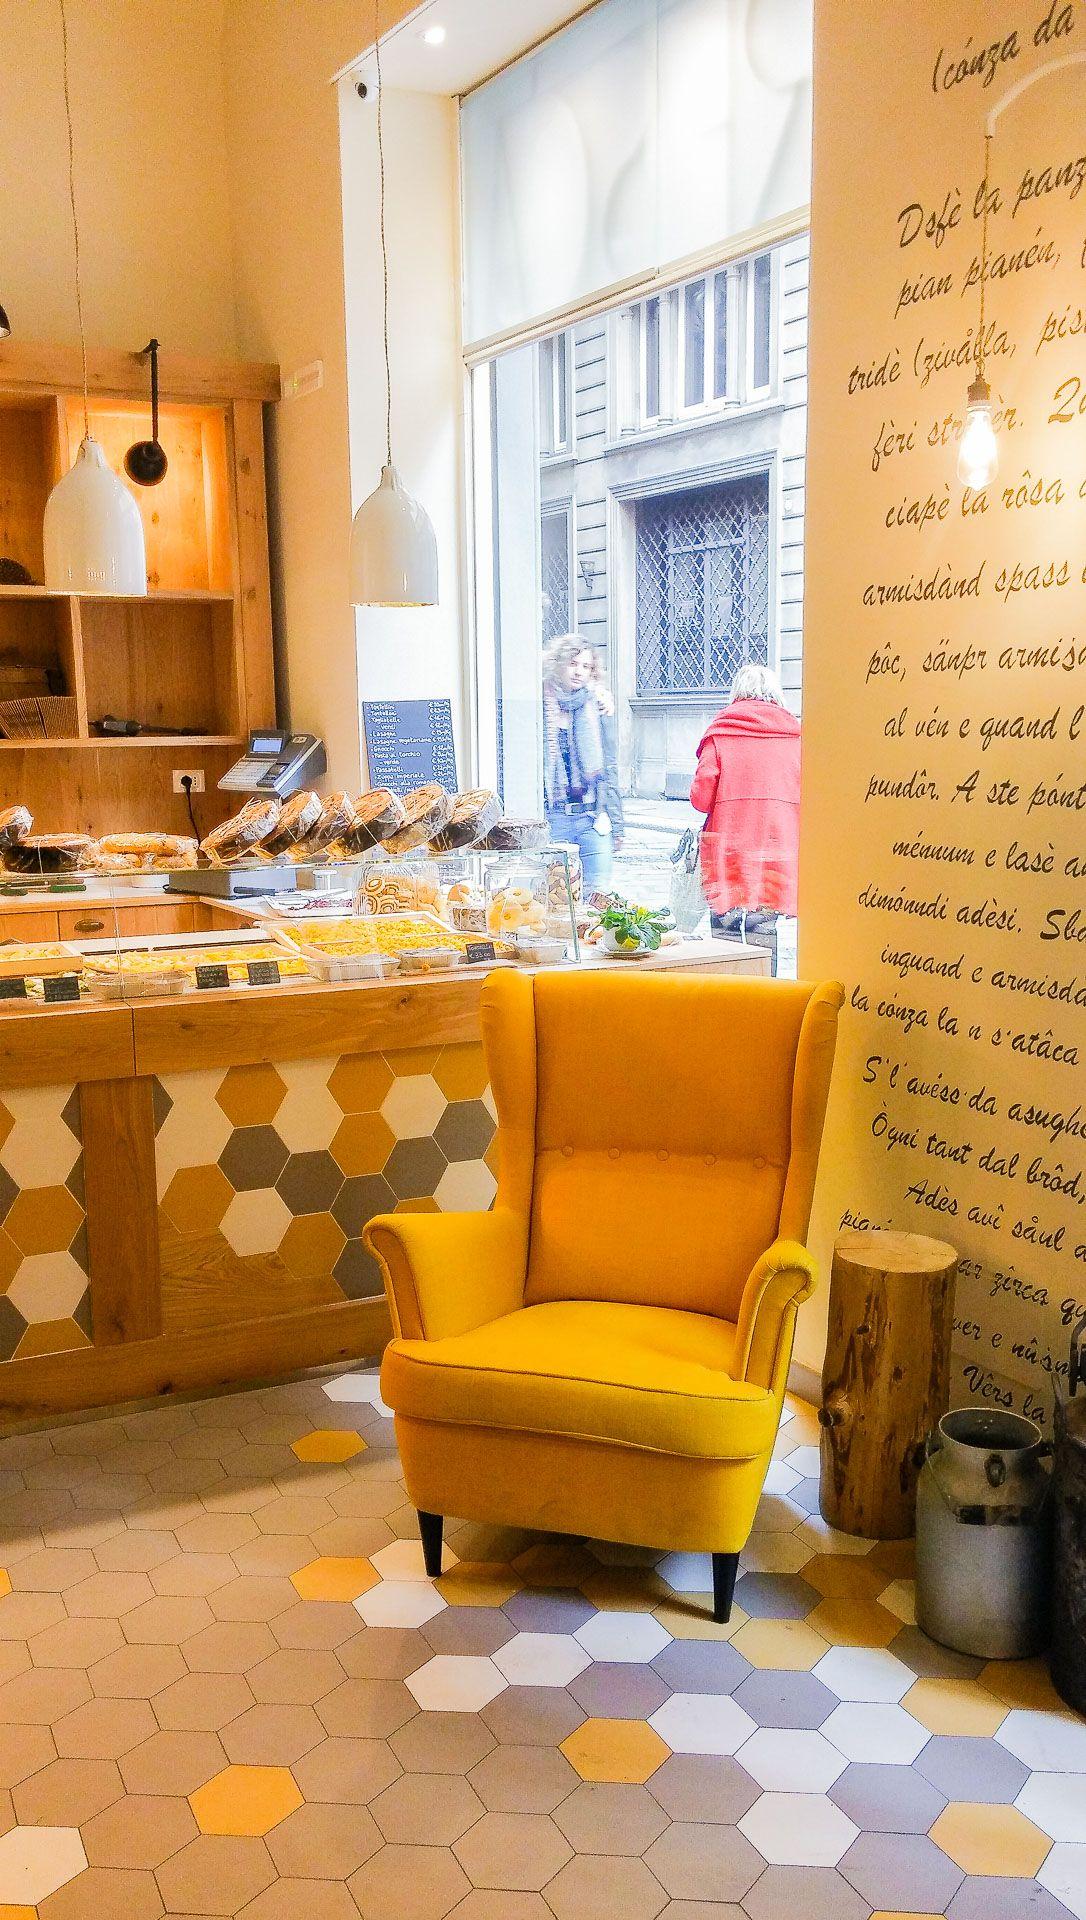 Sfoglia rina un negozio di pasta fresca dove poter comprare tutta la tradizione della cucina - Dove comprare cucina ...